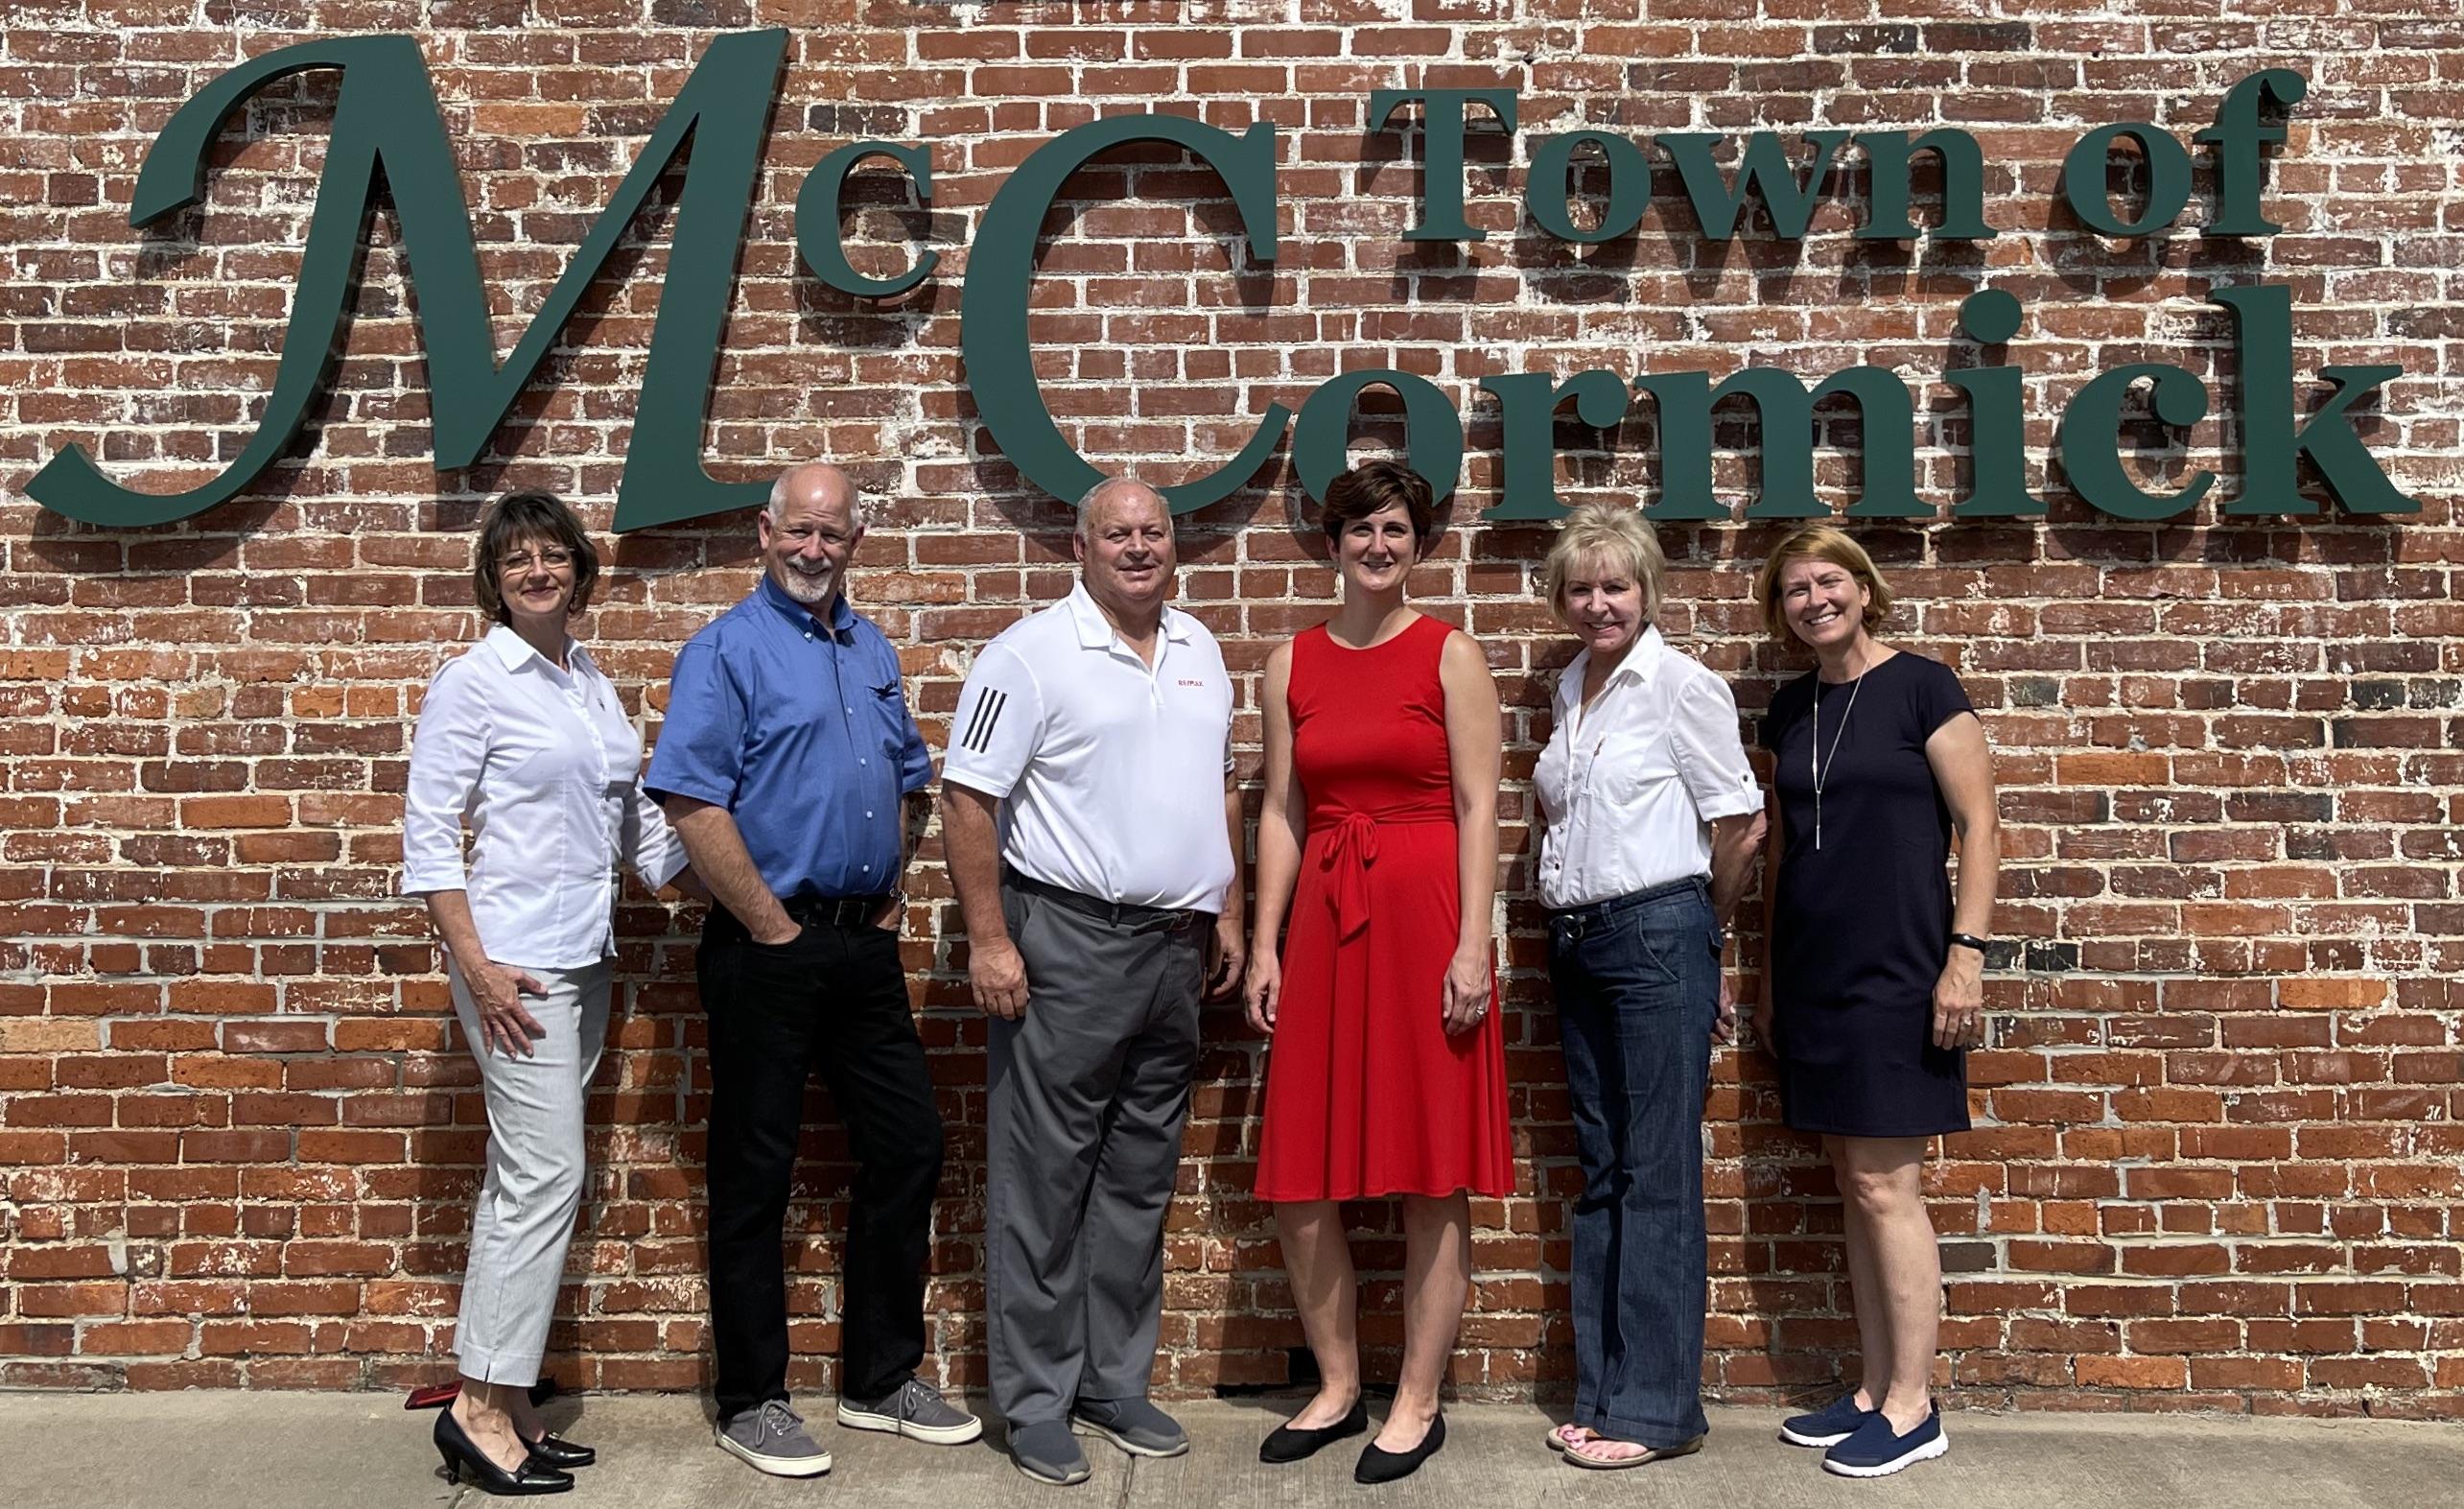 RE/MAX Leisurely Living Team: Karen Greene (Licensed Assistant), Tom Greene (REALTOR�), Russ Verrell (Owner, REALTOR�), Cara Verrell (Owner, Broker), Janet Martin (Office Manager), and Shannon Stewart (Marketing)